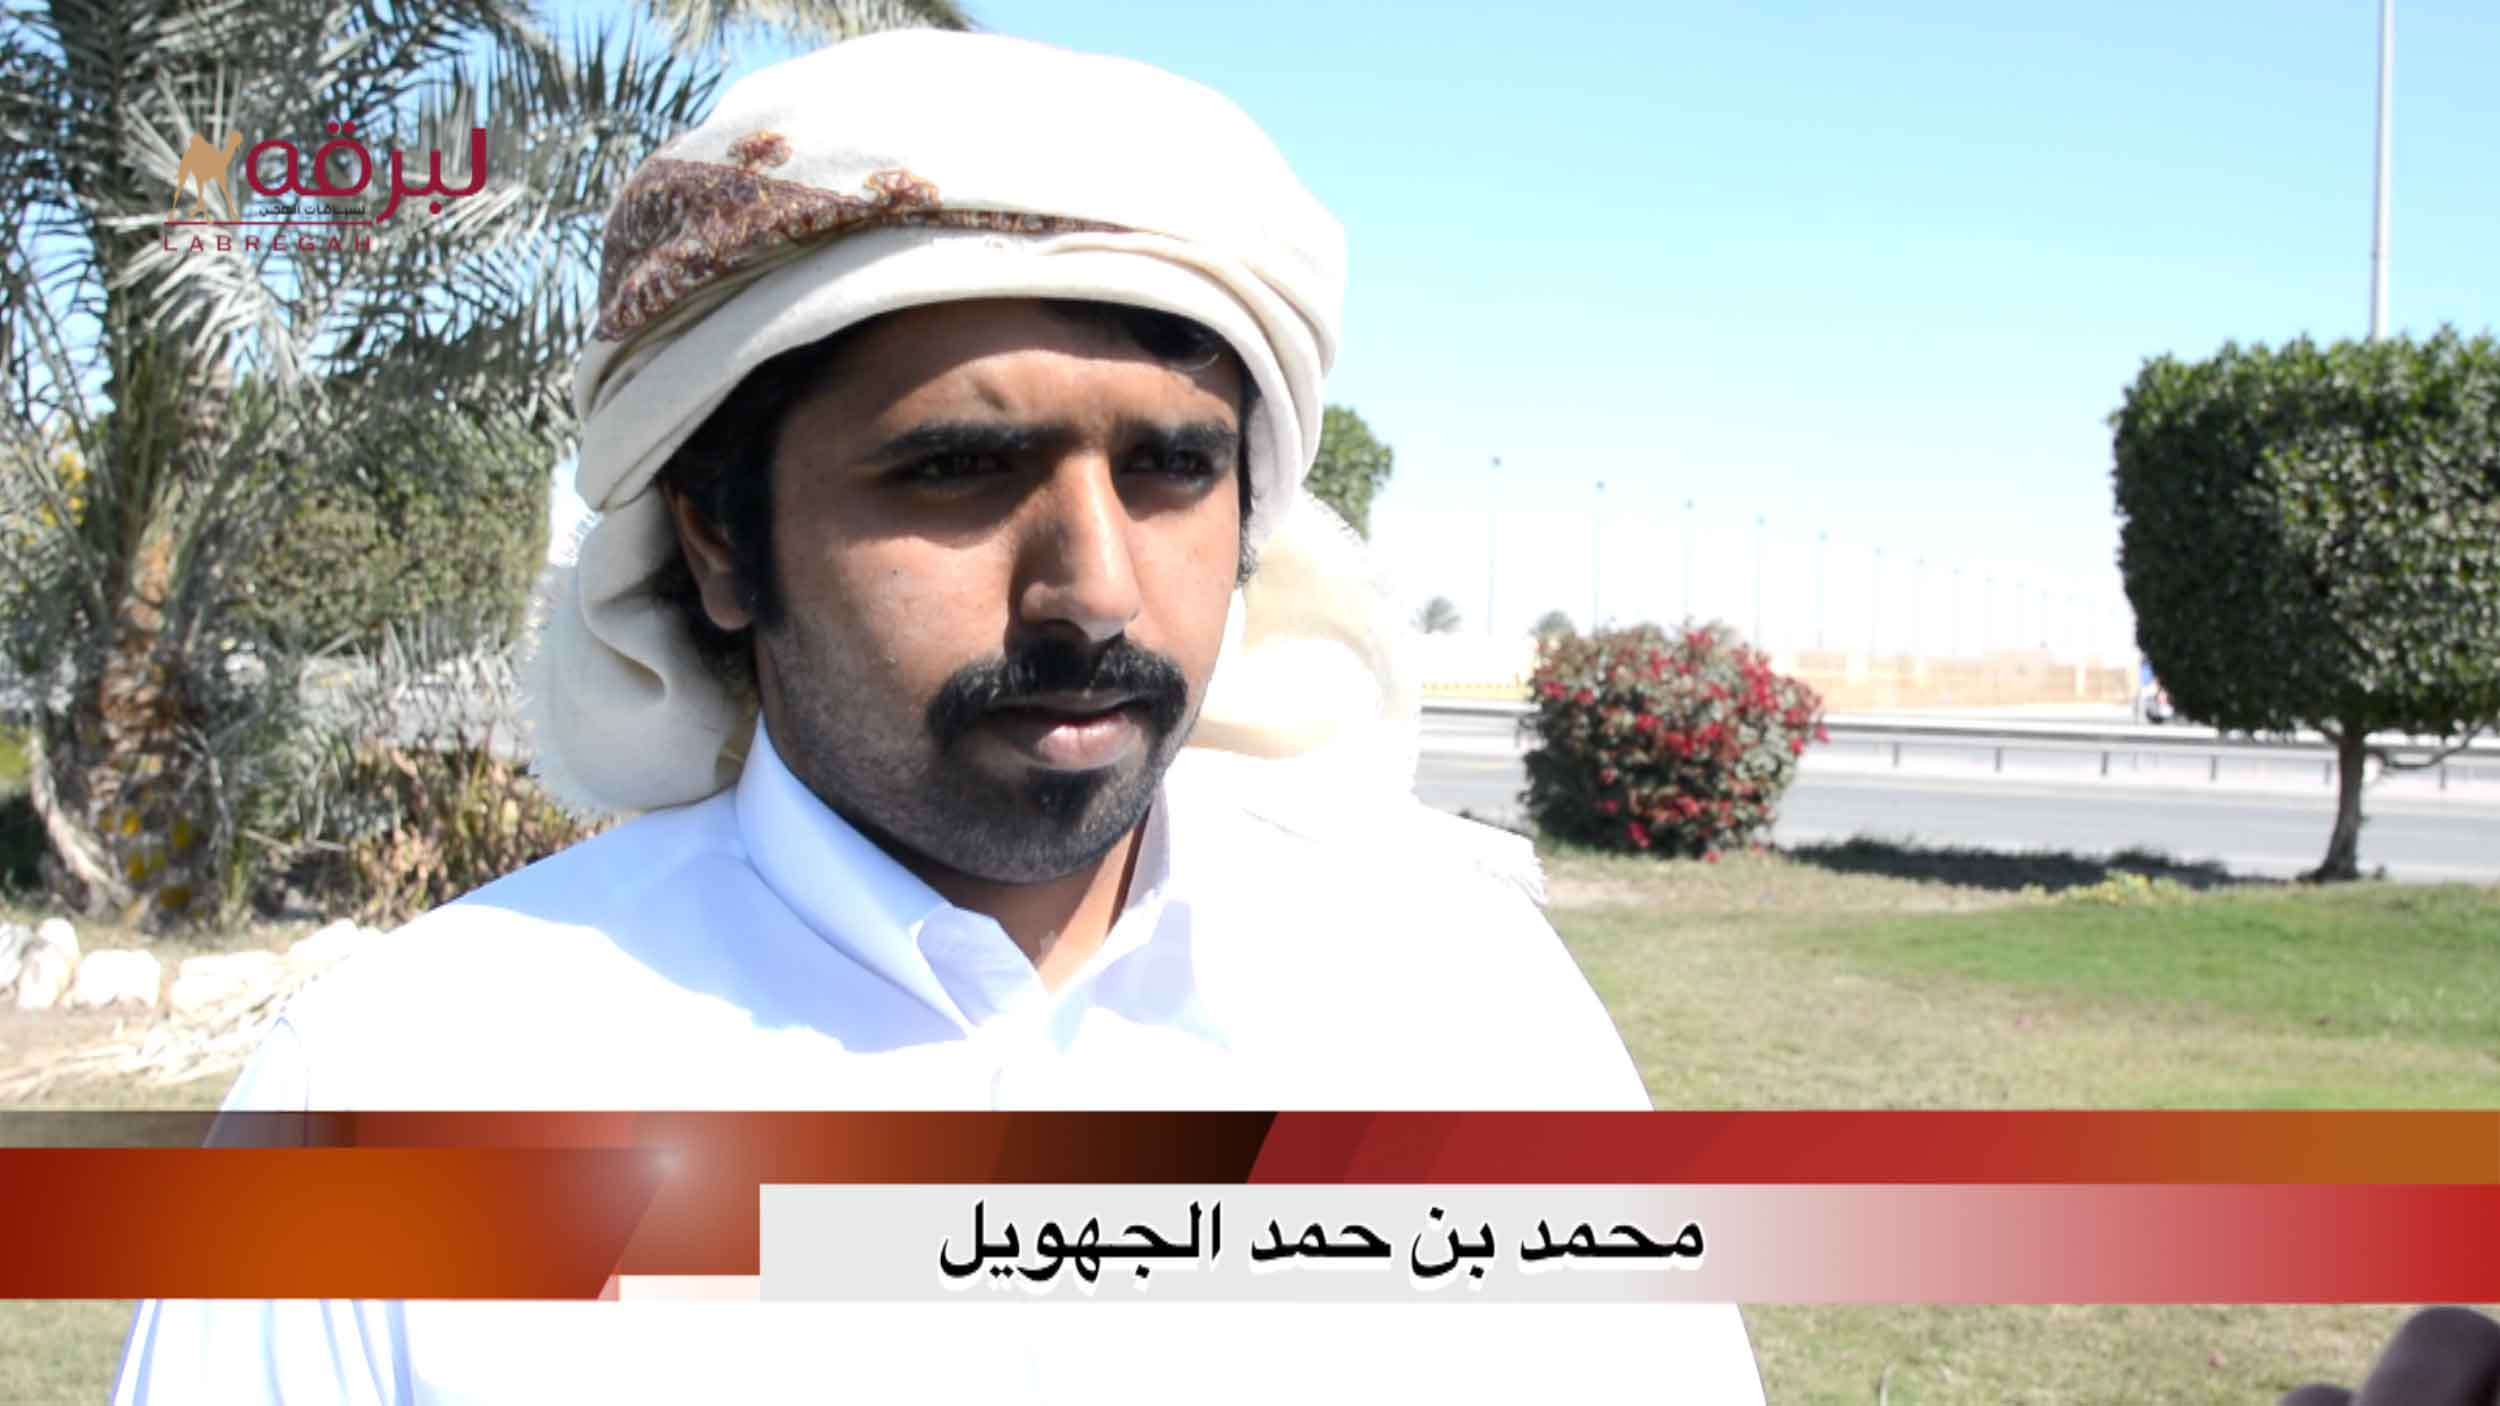 لقاء مع محمد بن حمد الجهويل.. الشوط الرئيسي لقايا بكار « مفتوح » الأشواط العامة  ٢٦-٢-٢٠٢١